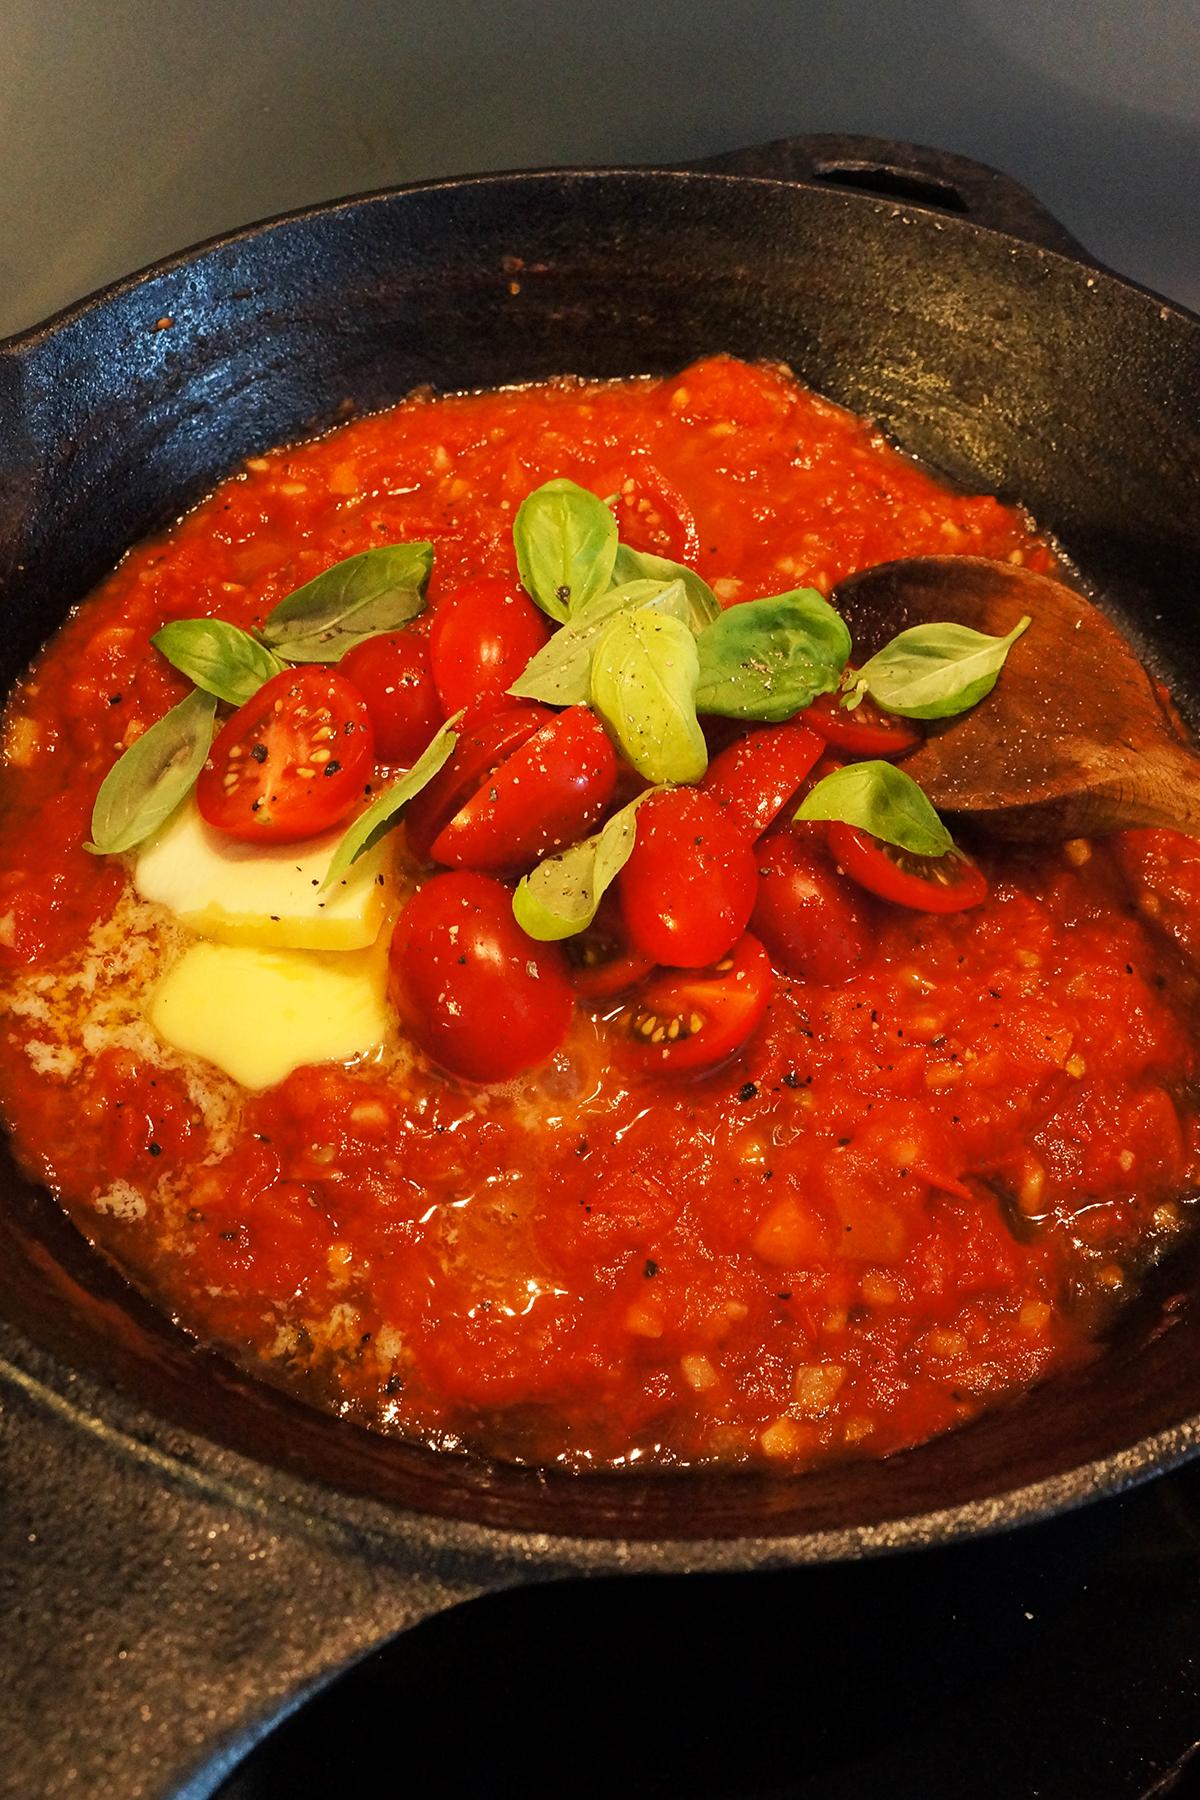 Gamberi v sveži paradižnikovi omaki